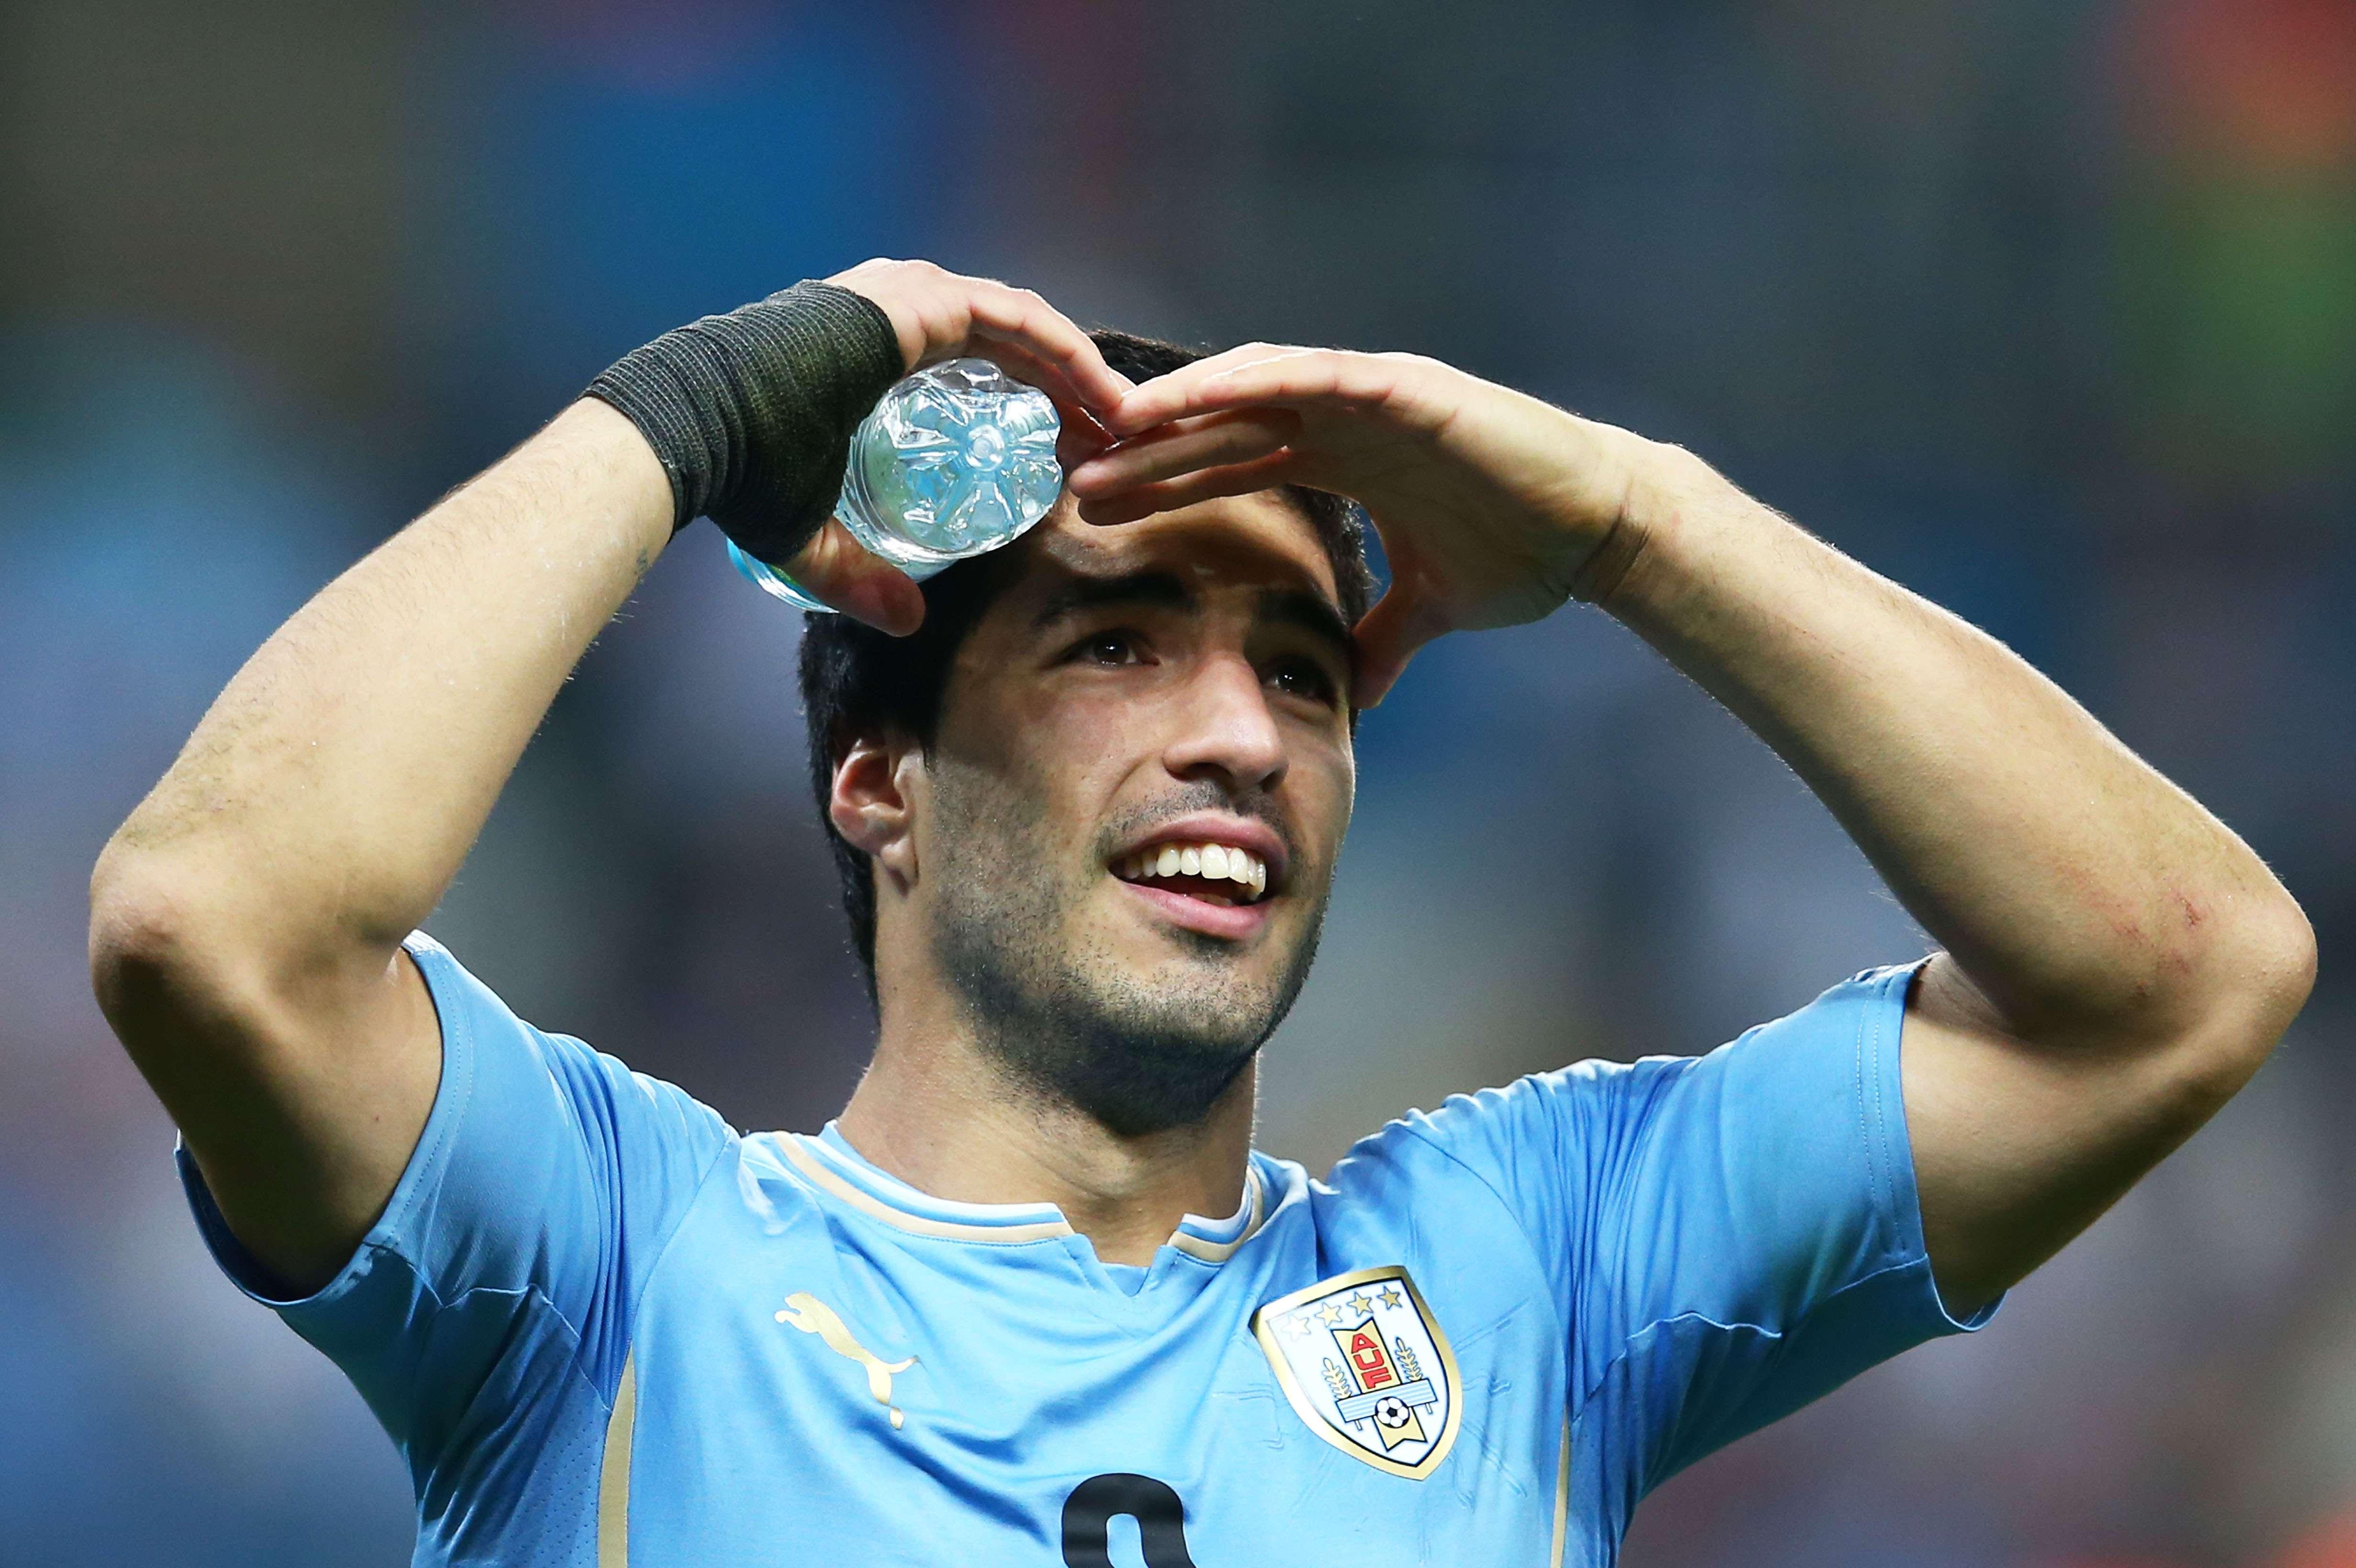 Punição da Fifa faz futebol do Kosovo sonhar com Luis Suárez